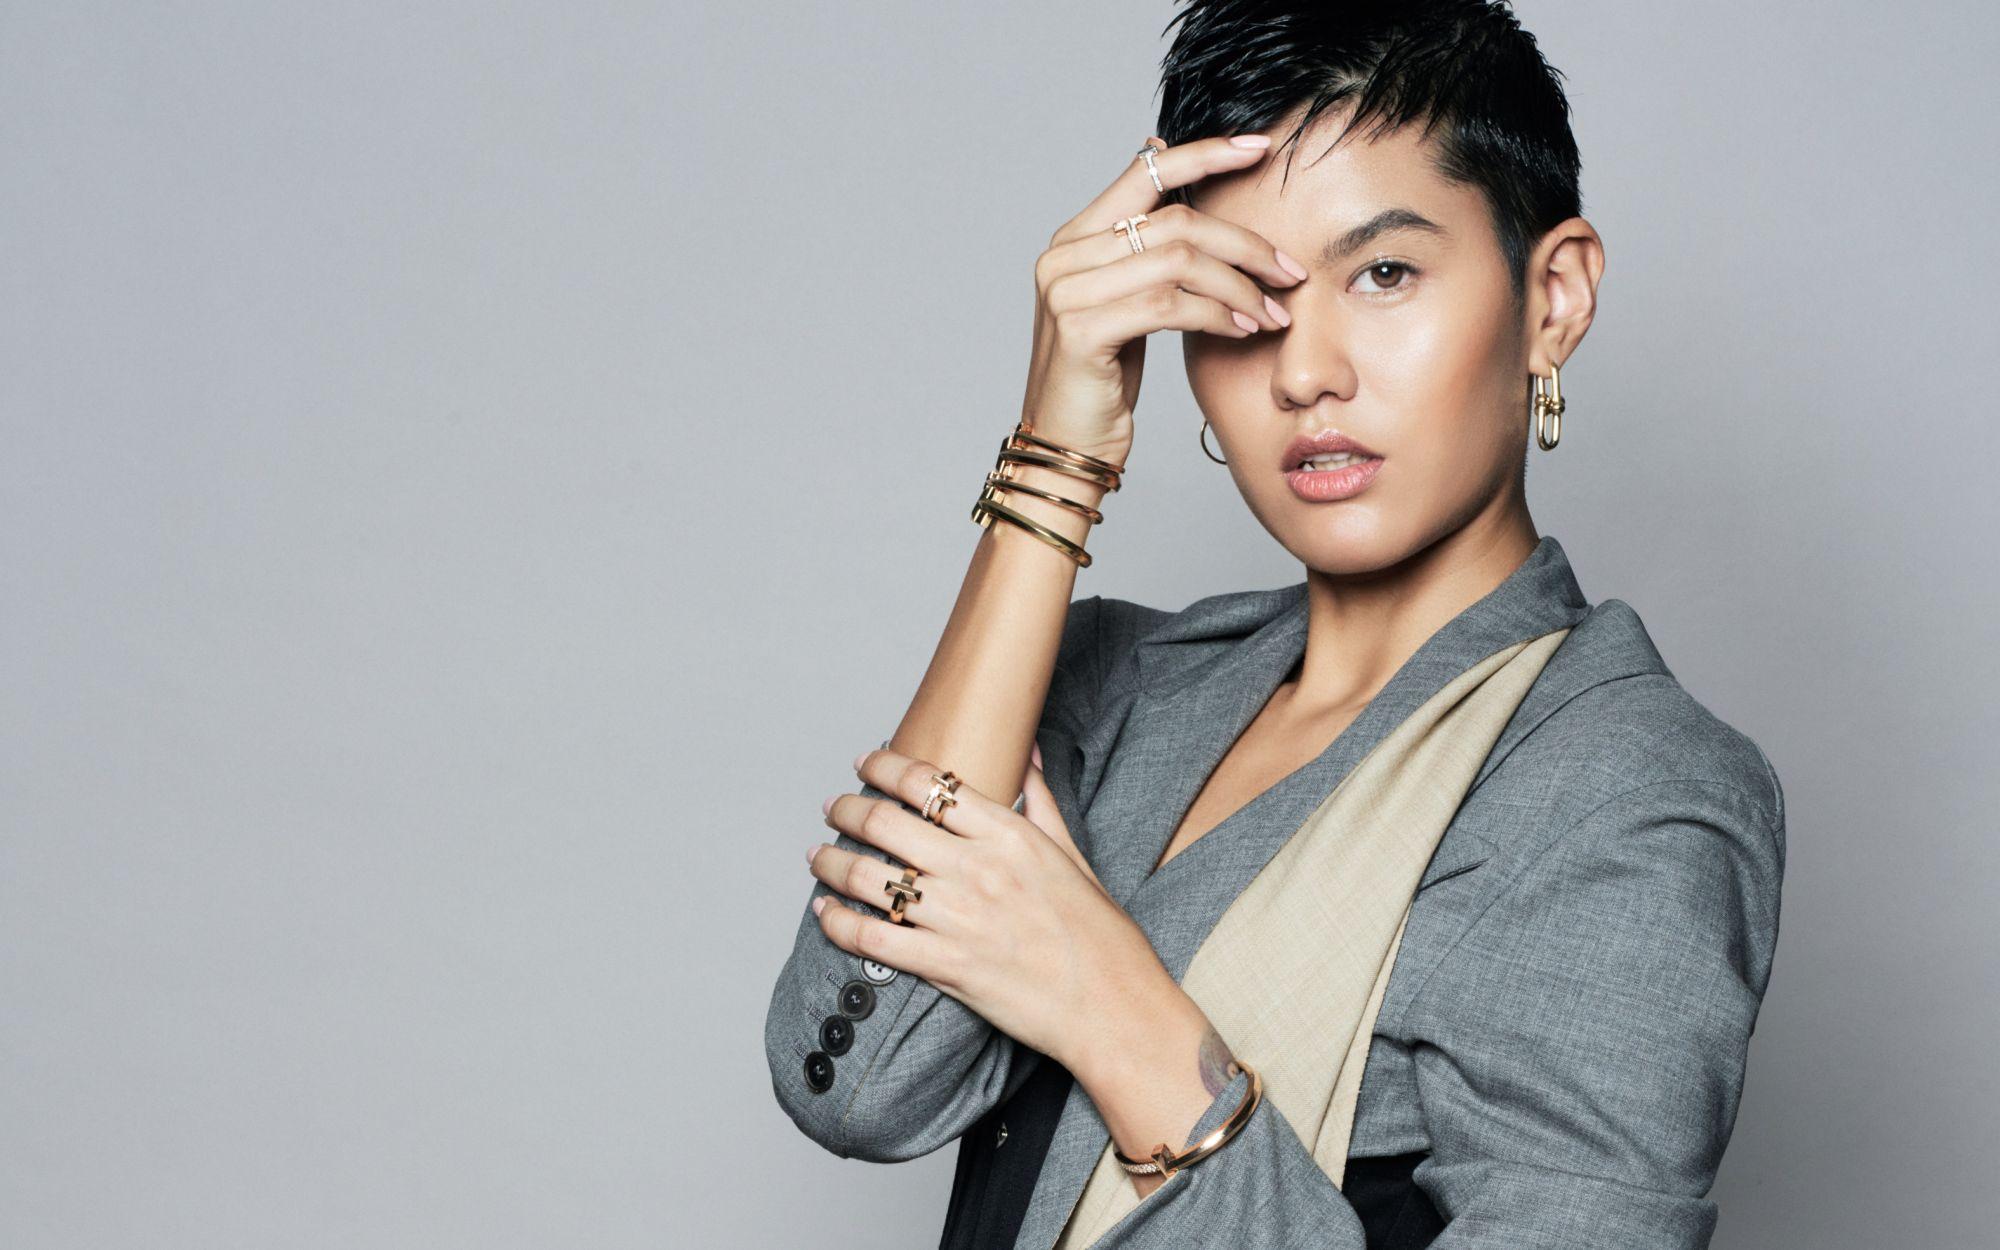 Asia's Most Stylish: Spotlight On Malaysian Supermodel Alicia Amin